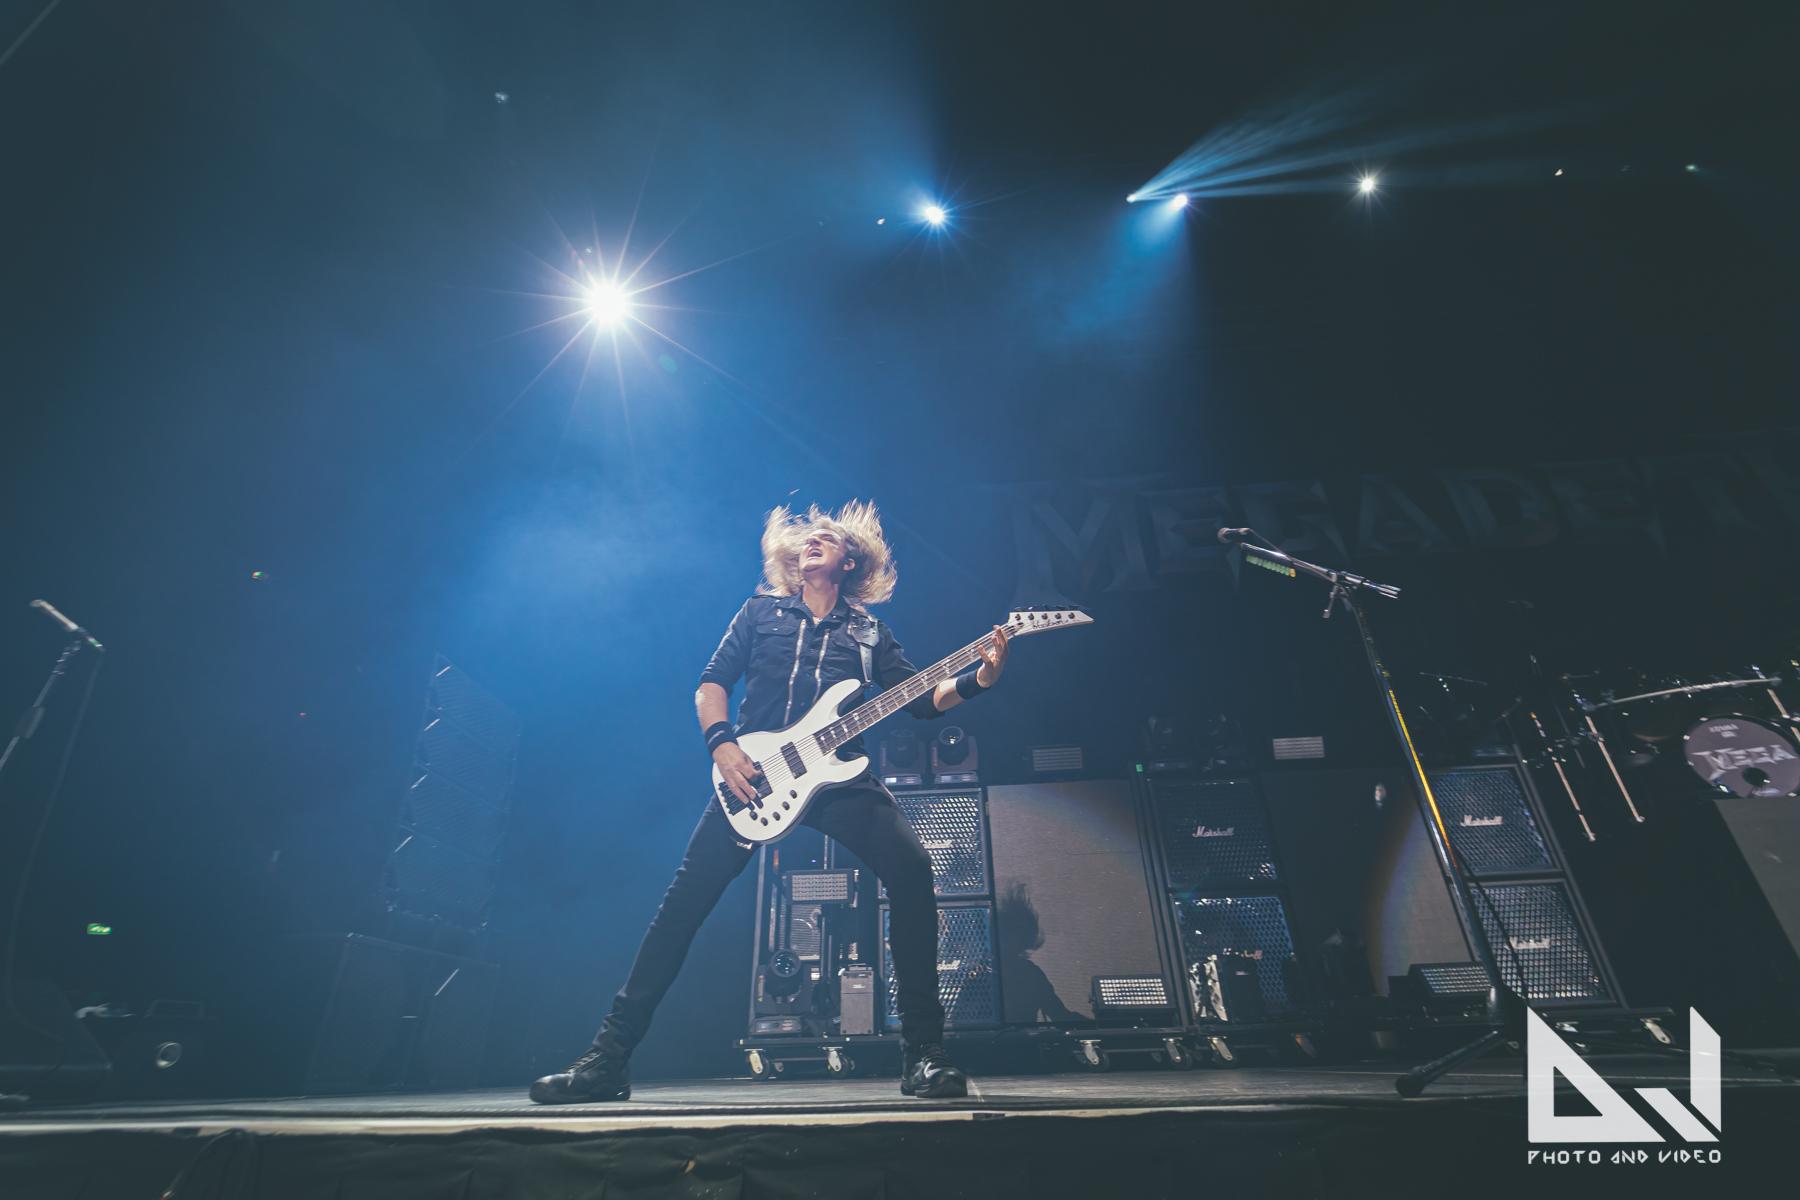 Katso fanin eturivistä kuvaamat videot Megadethin keikalta Texasista